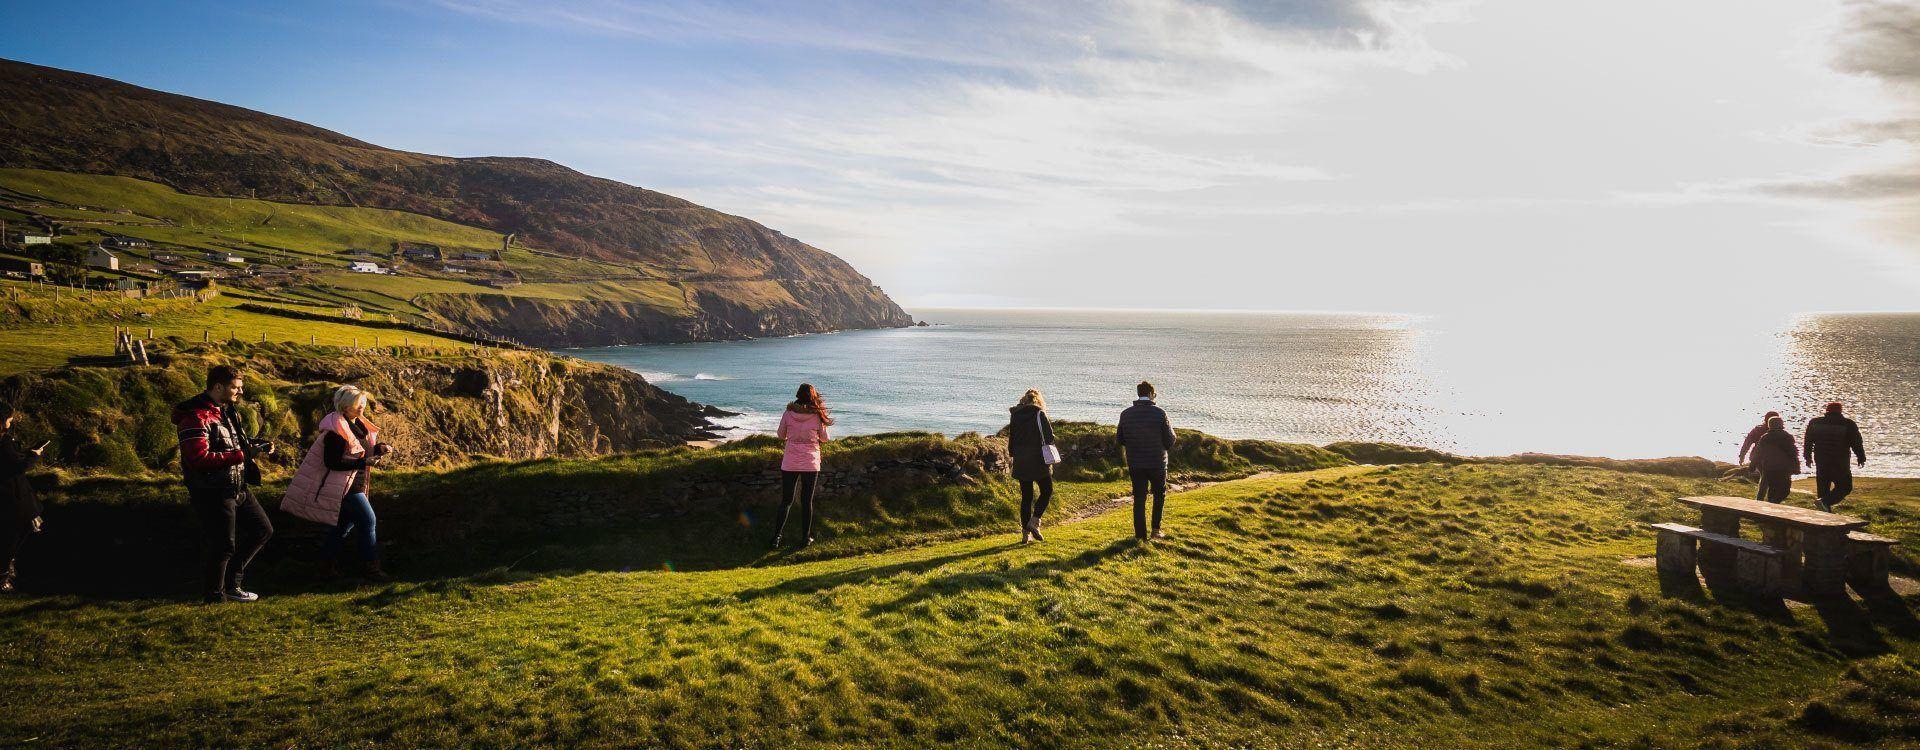 Excursión de un día al Anillo de Kerry desde Cork